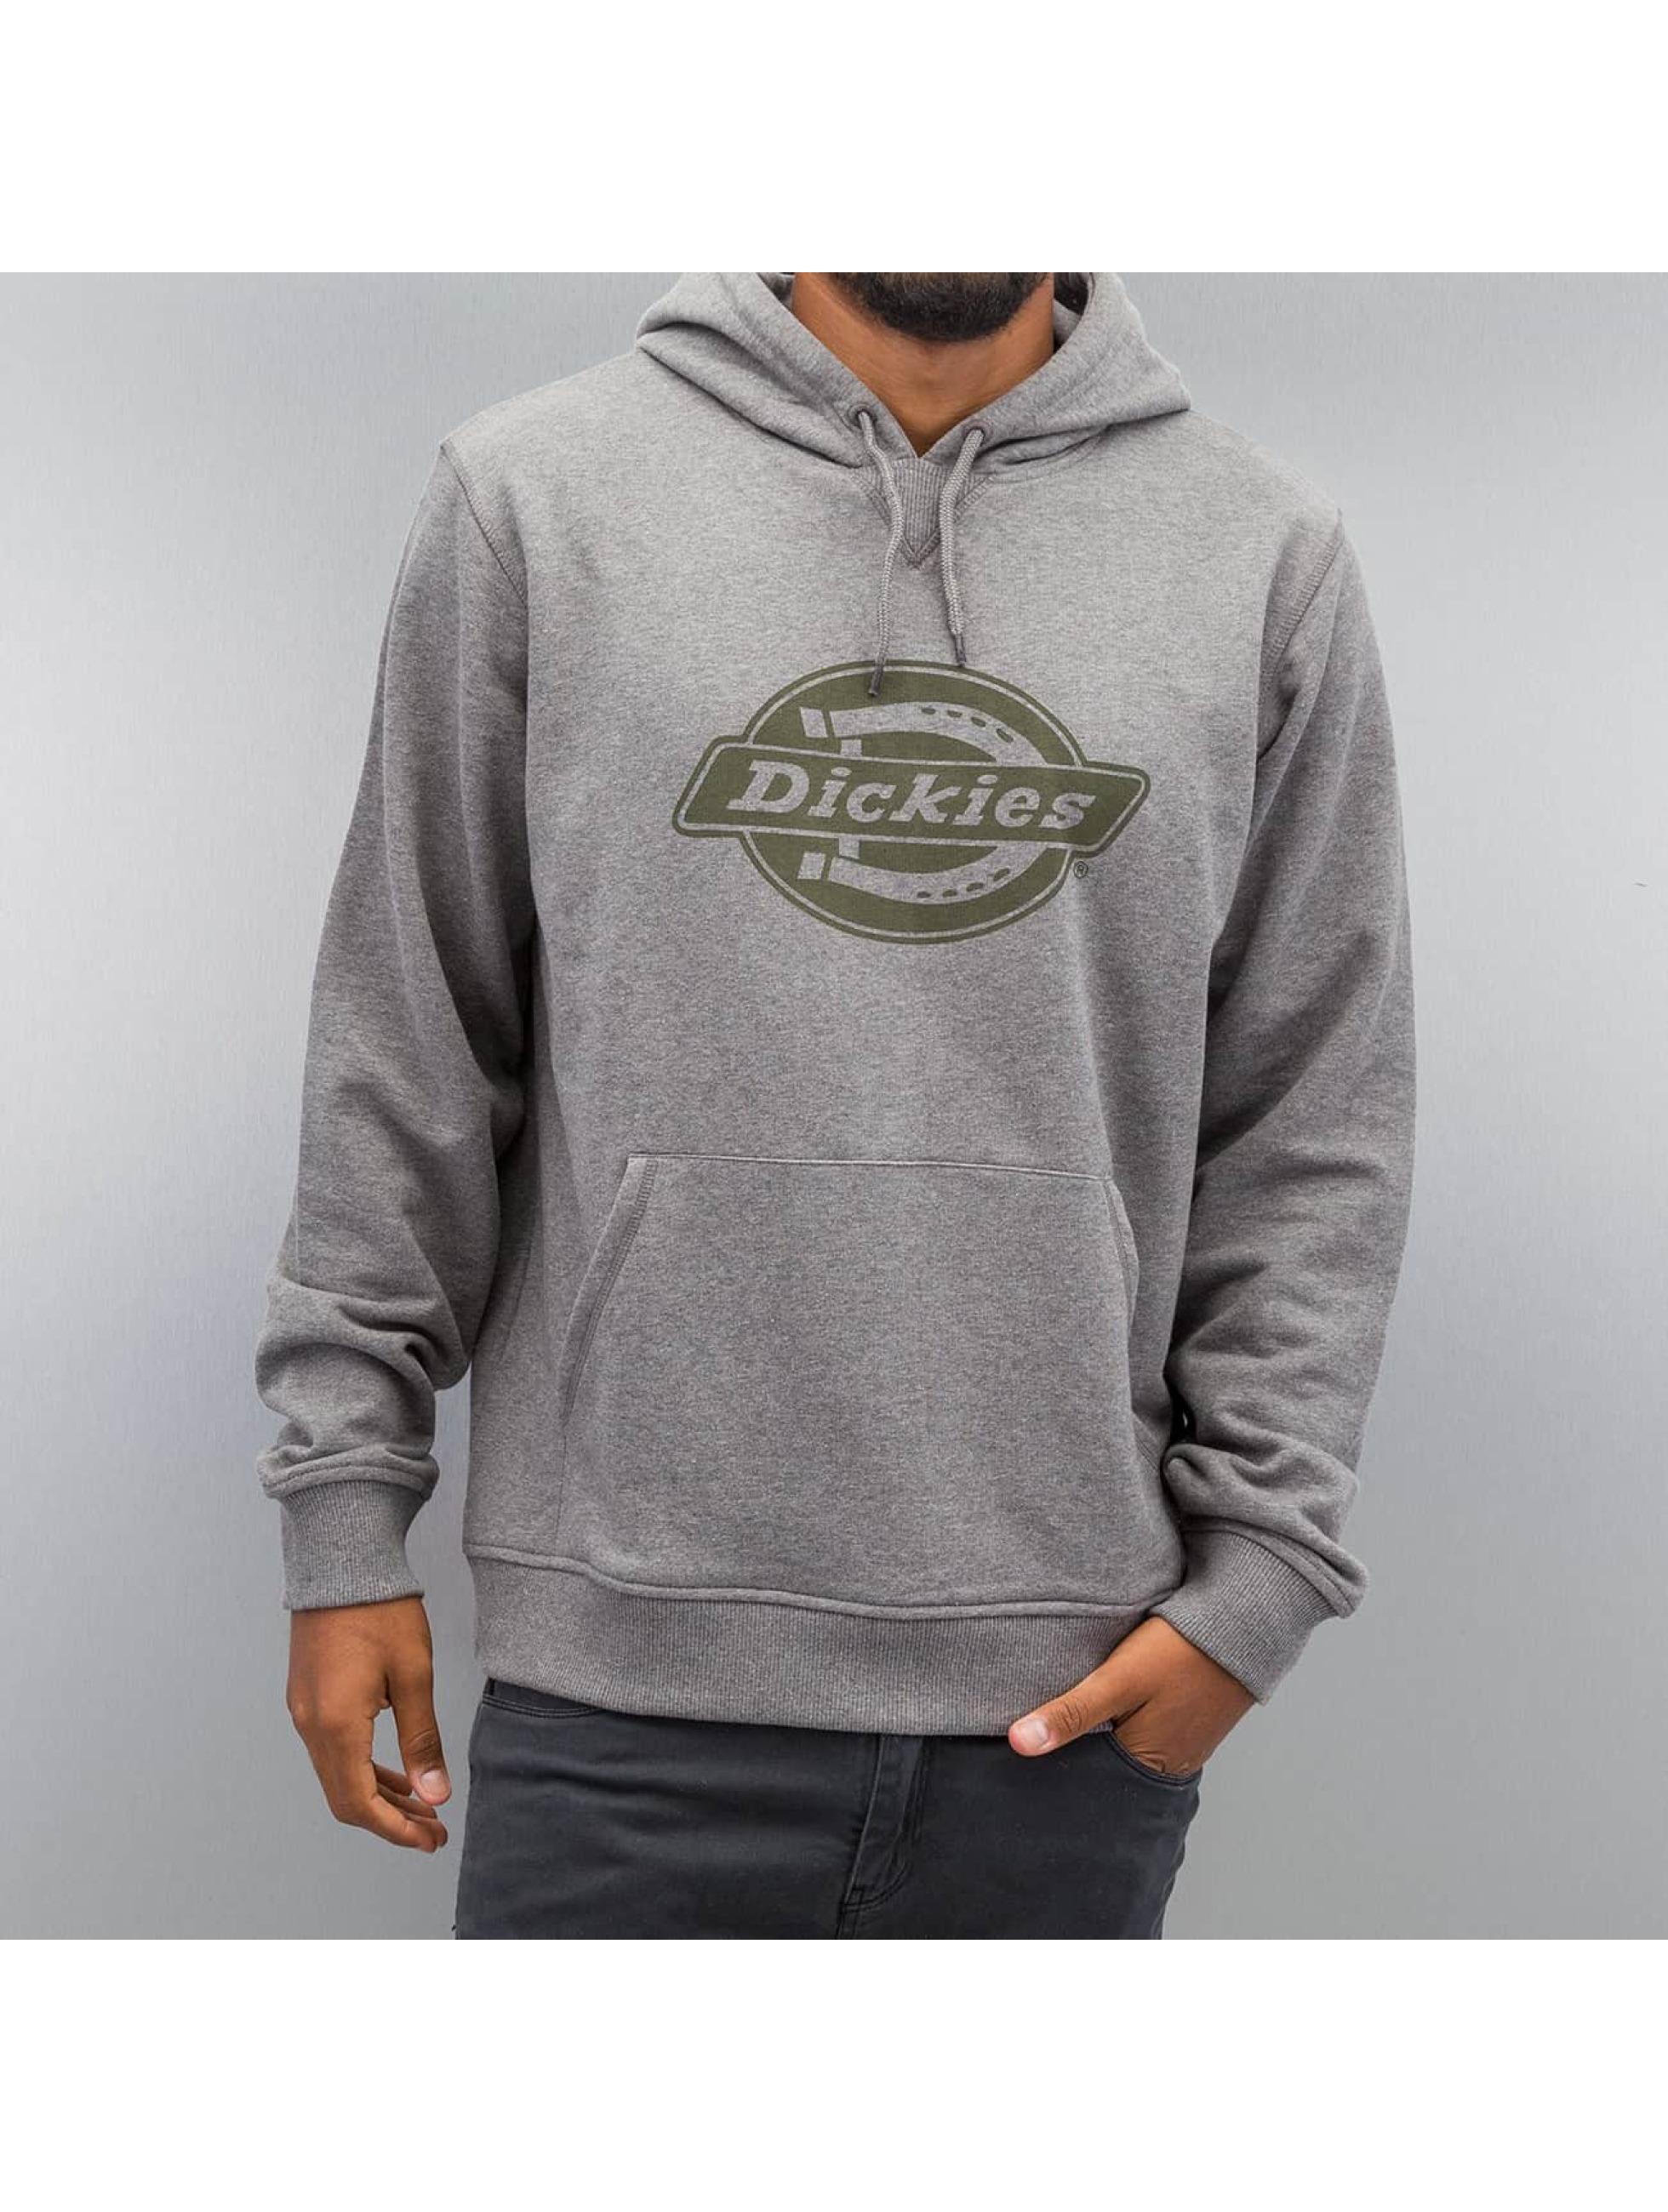 Dickies Hettegensre Delaware grå